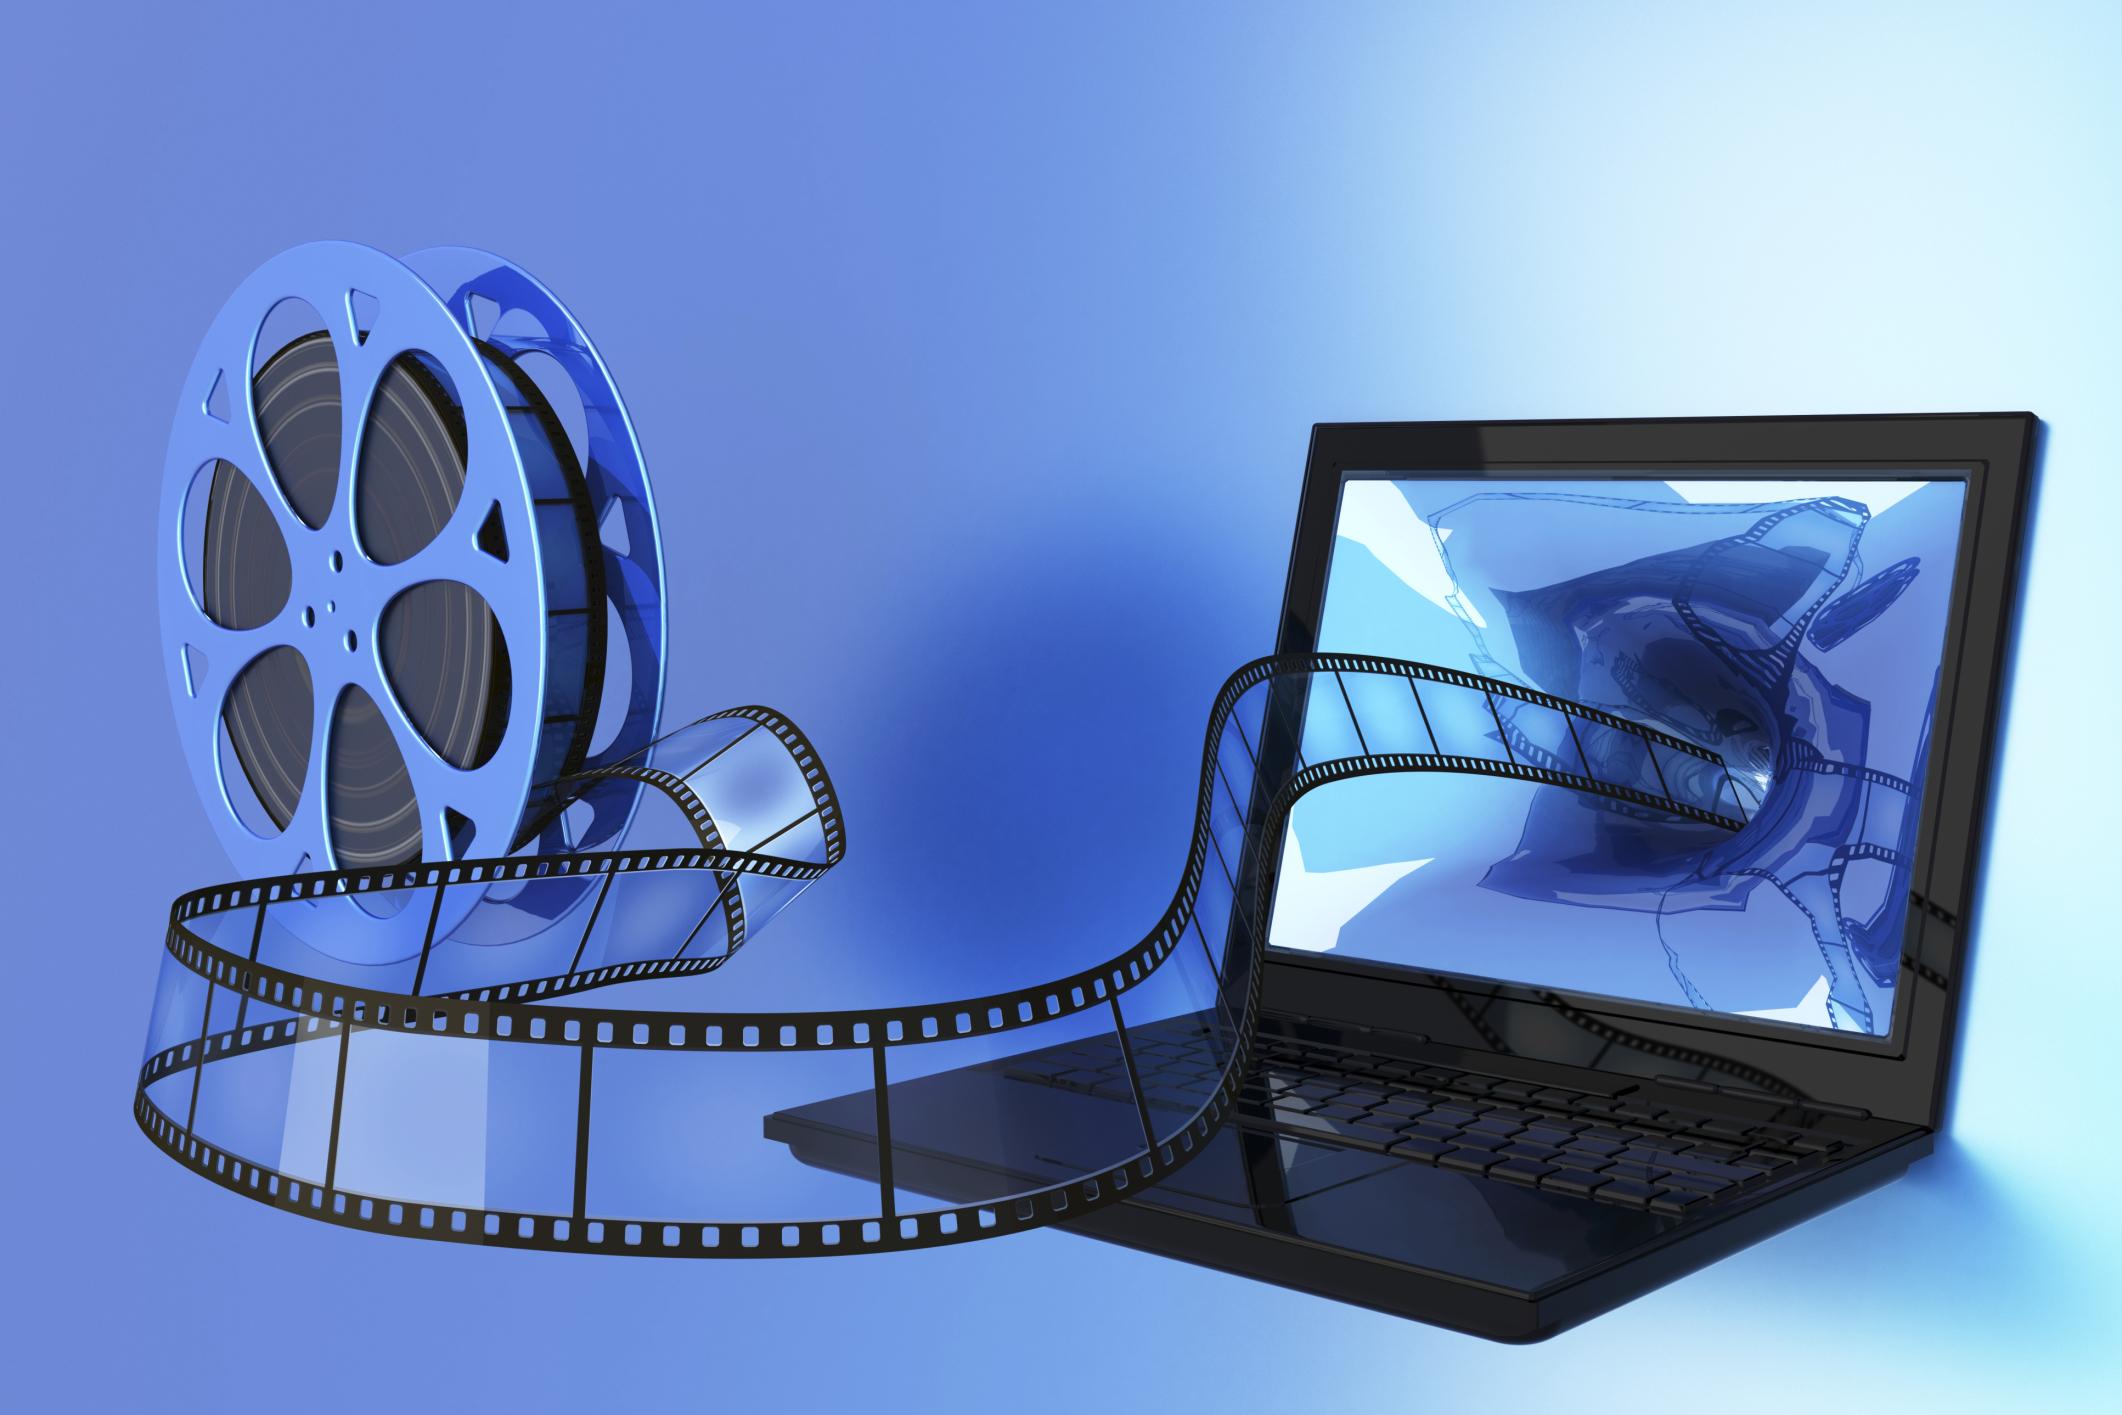 цены авиаперелёт как перевернуть видео клип с телефона чём разница Так